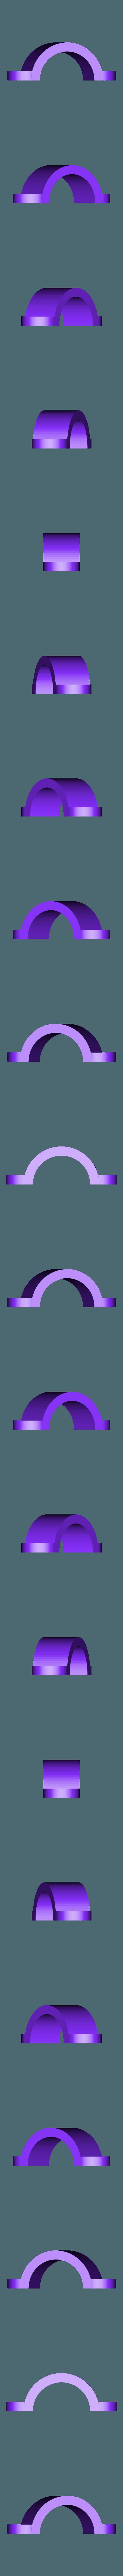 GoPro-Lenkrad-Halterung_-_connector_bot_32mm.stl Télécharger fichier STL gratuit Support de guidon GoPro (personnalisable) • Design imprimable en 3D, dede67